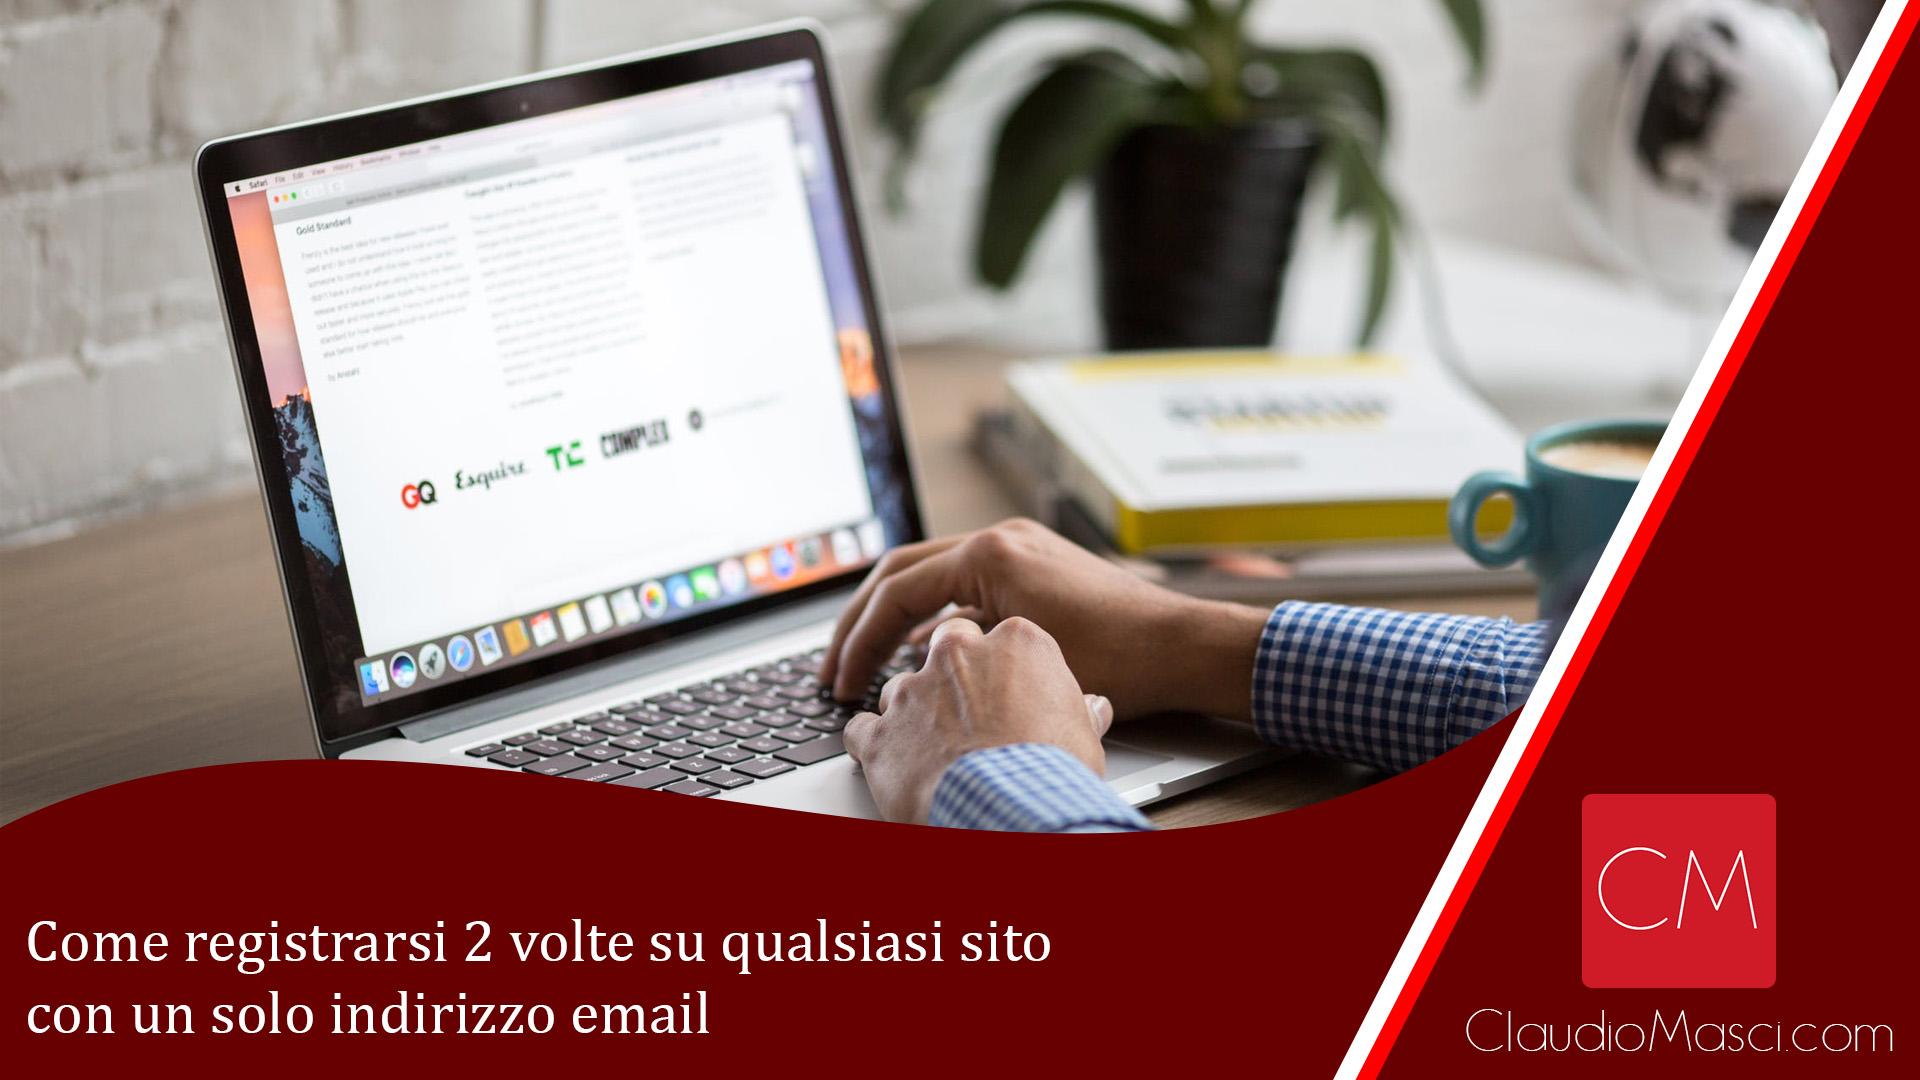 Come registrarsi 2 volte su qualsiasi sito con un solo indirizzo email